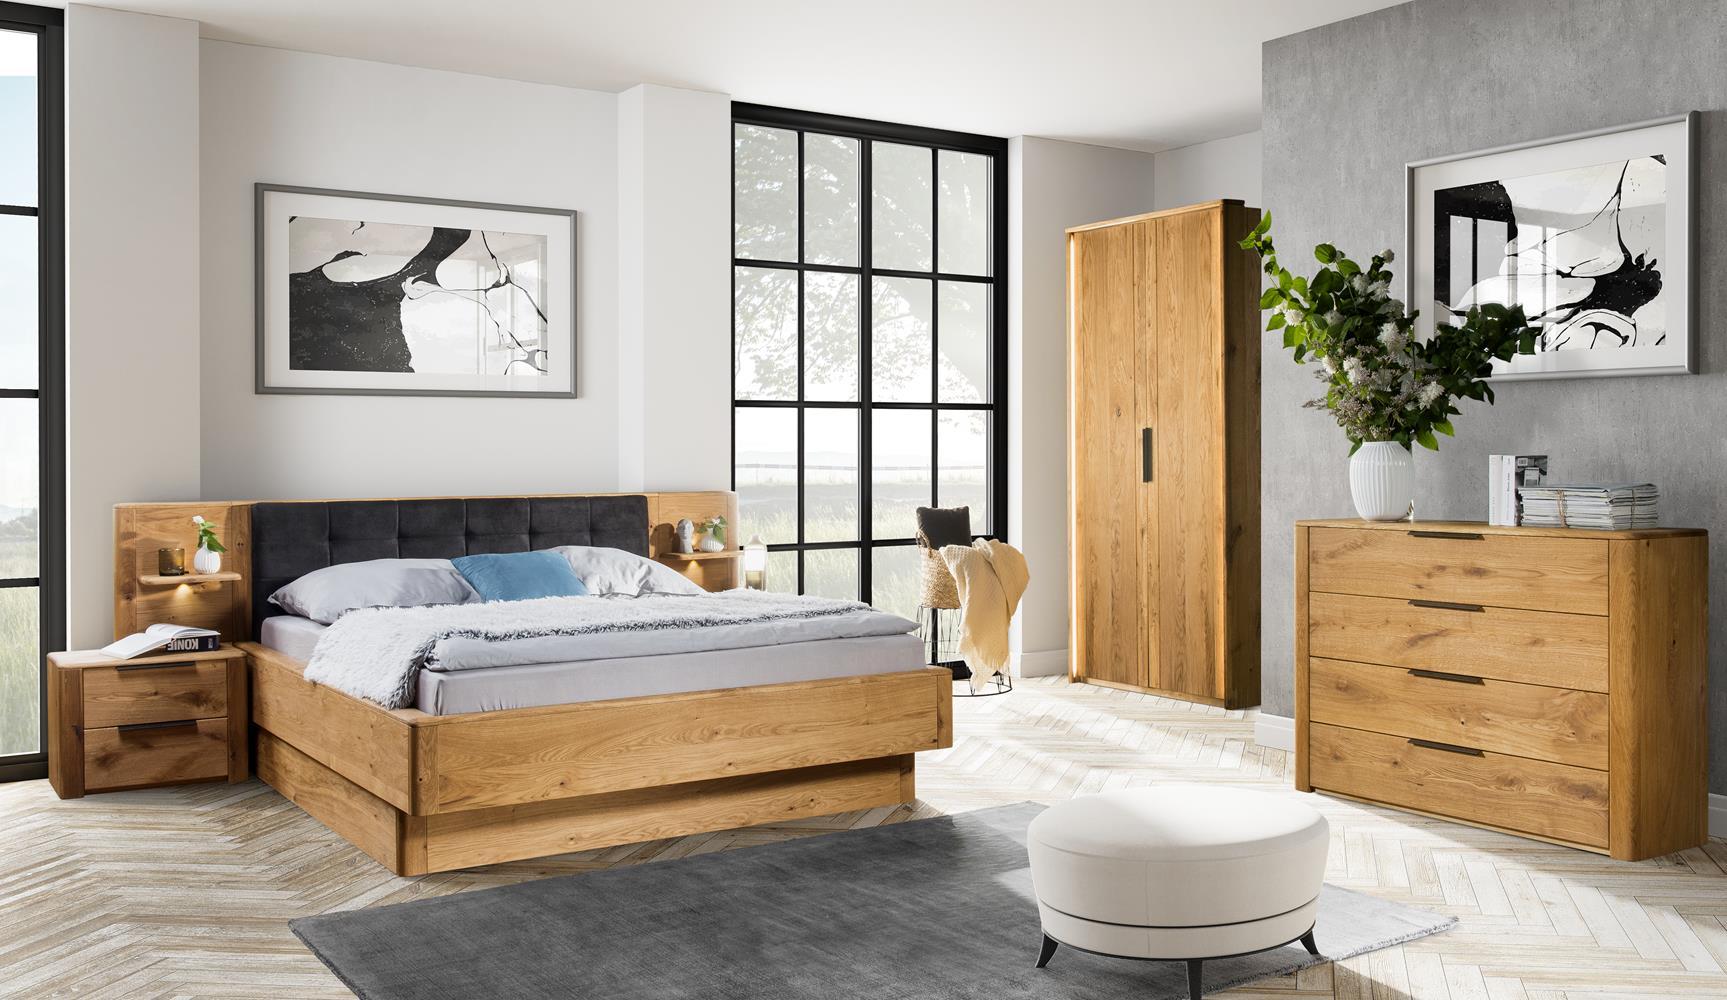 meble-drewniane-sypialnia